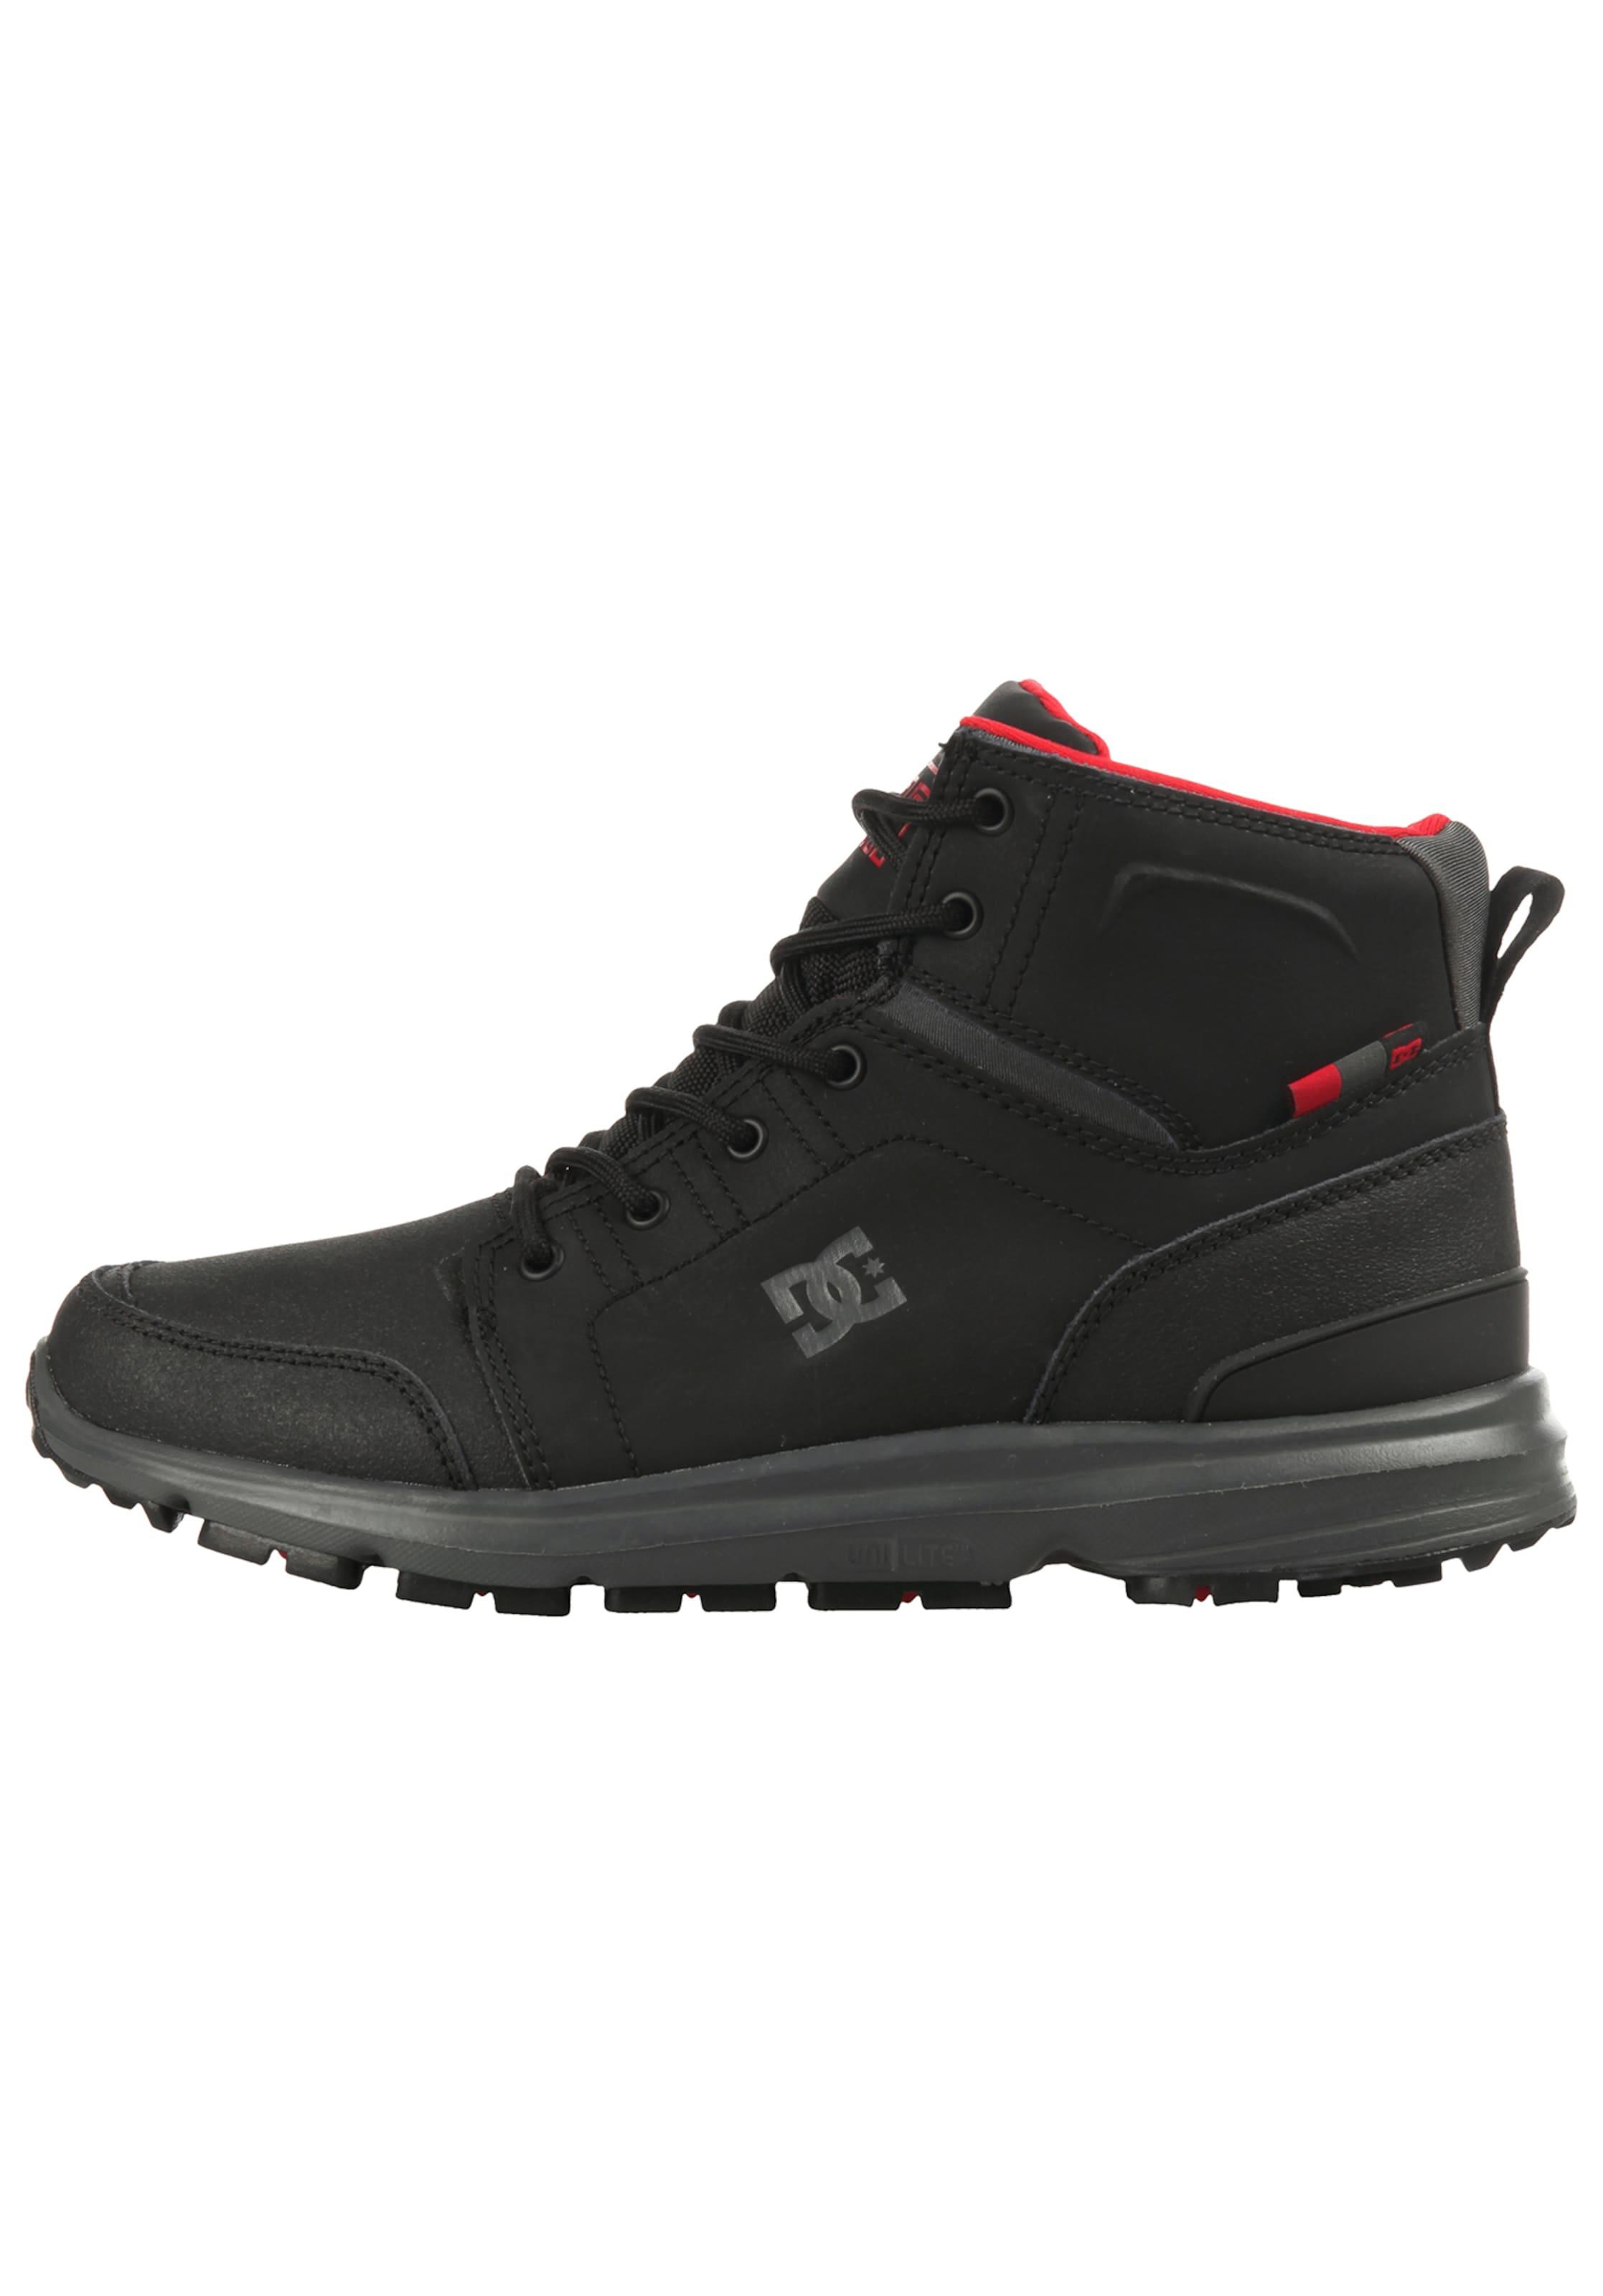 'torstein' Dc DunkelgrauRot In Stiefel Shoes Schwarz fbvIYyg76m